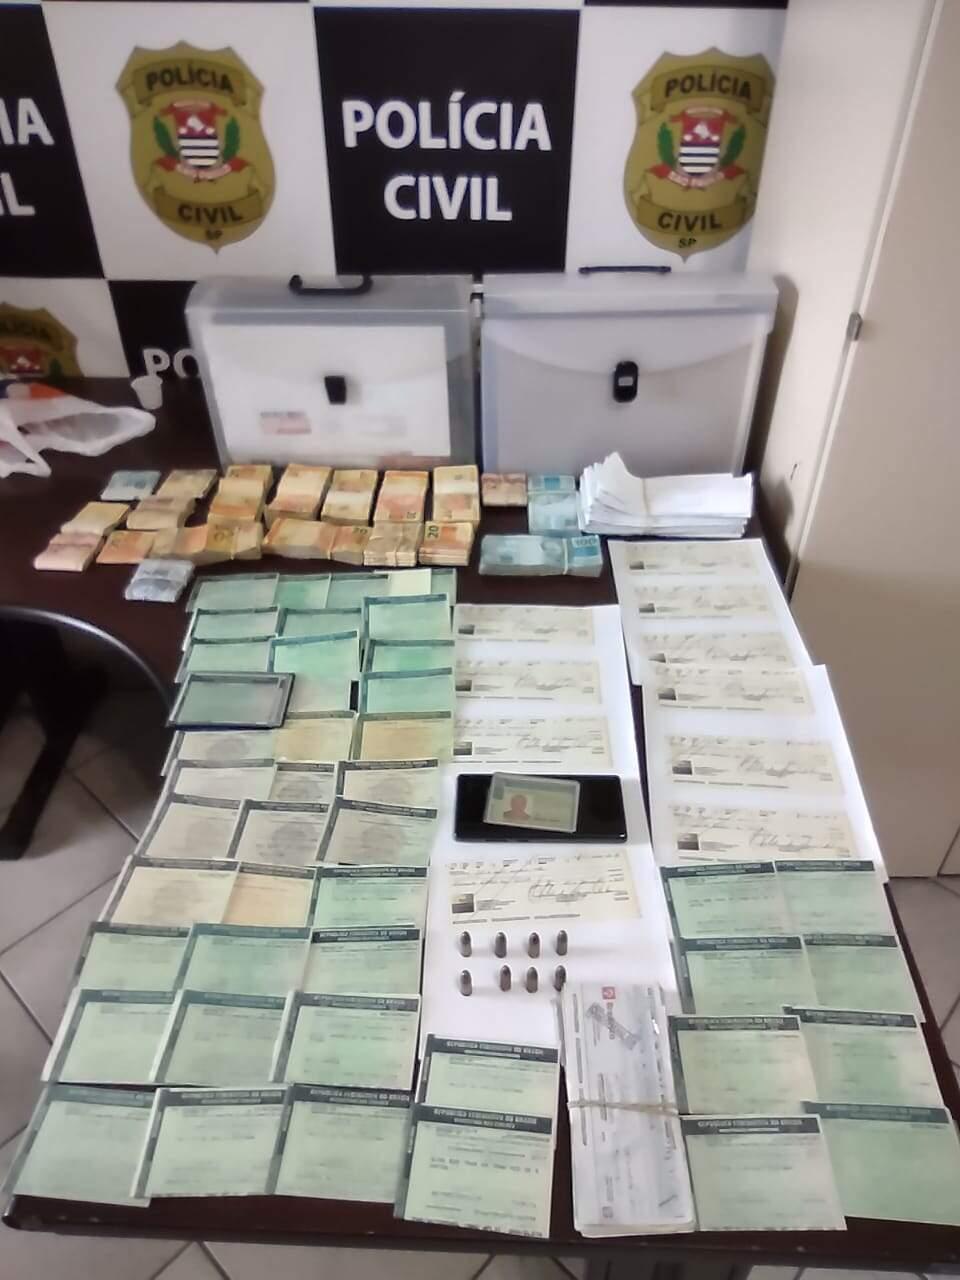 Polícia apreendeu mais de R$ 62 mil em espécie oriundos do crime organizado